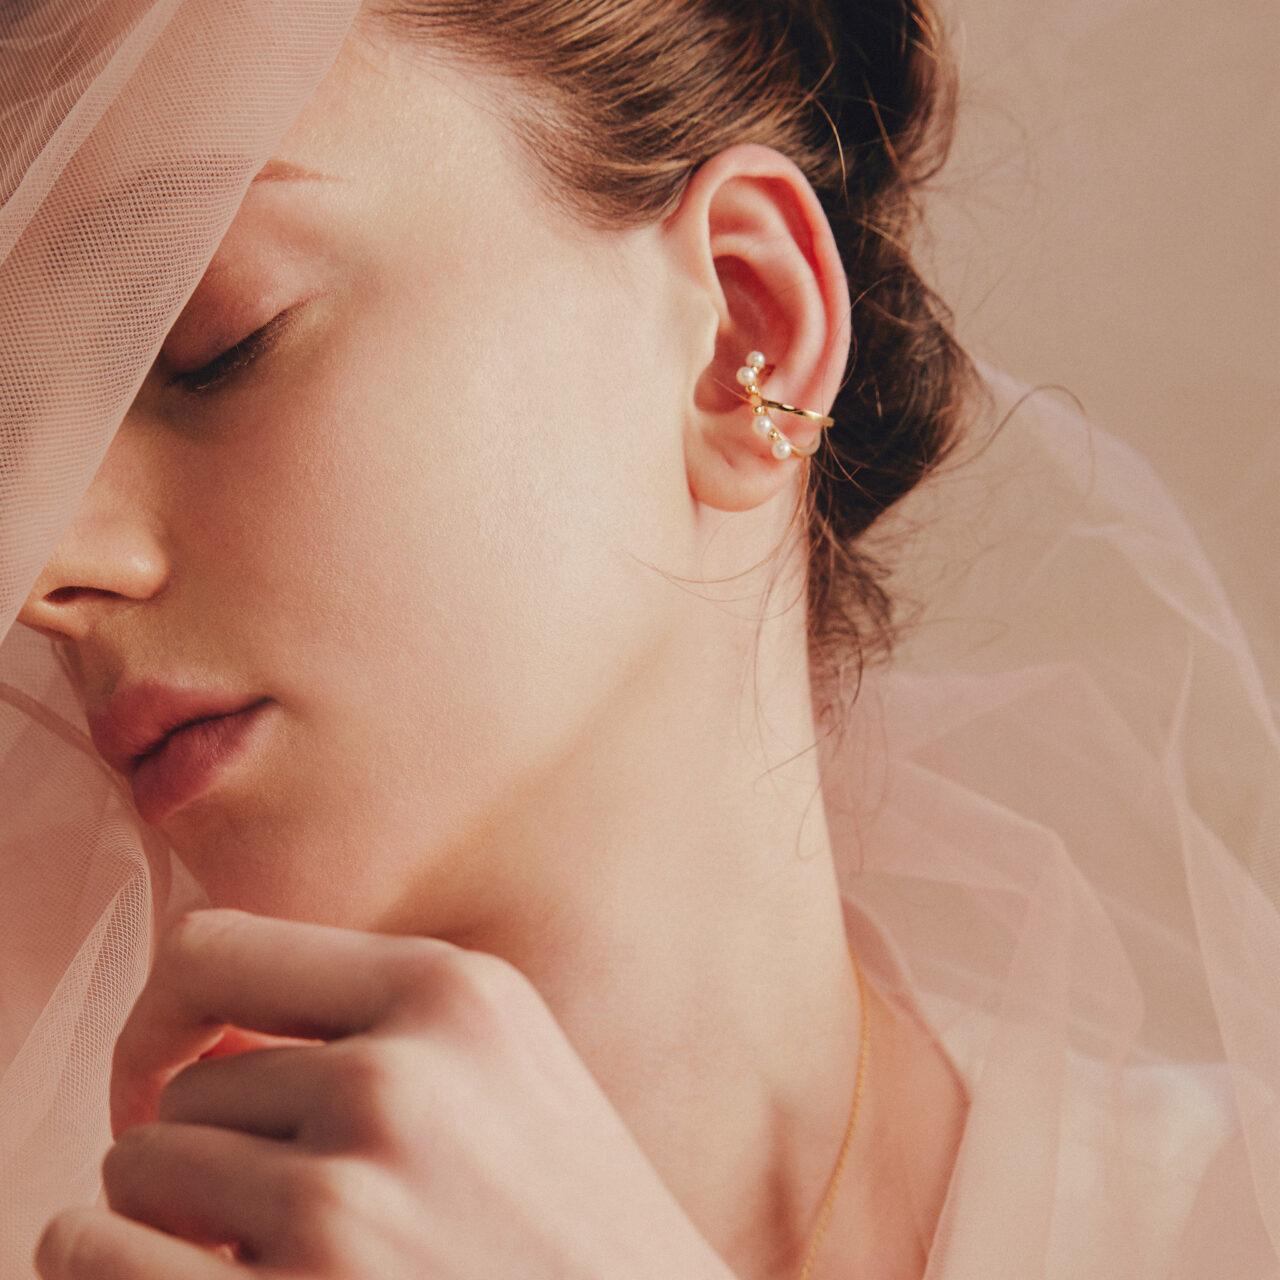 とにかく綺麗になりたい…!自分磨き中に意識したい、6つの垢抜けPOINTリスト